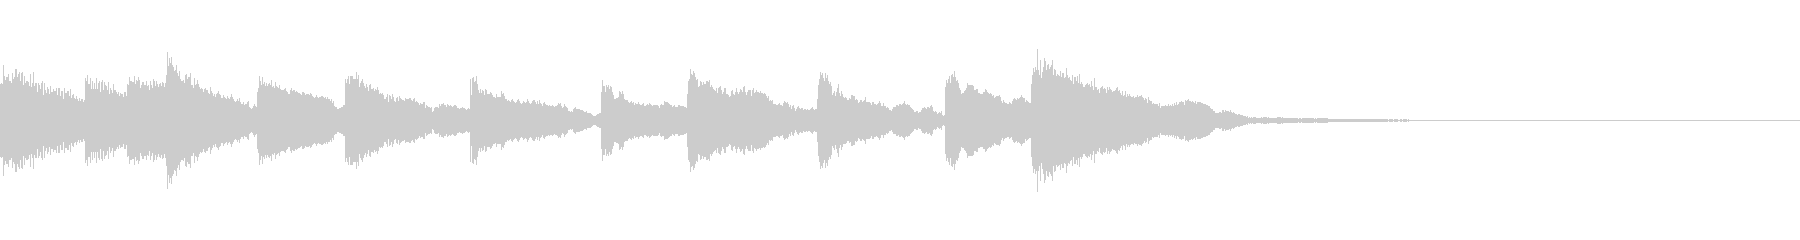 切ない木琴ジングルの未再生の波形